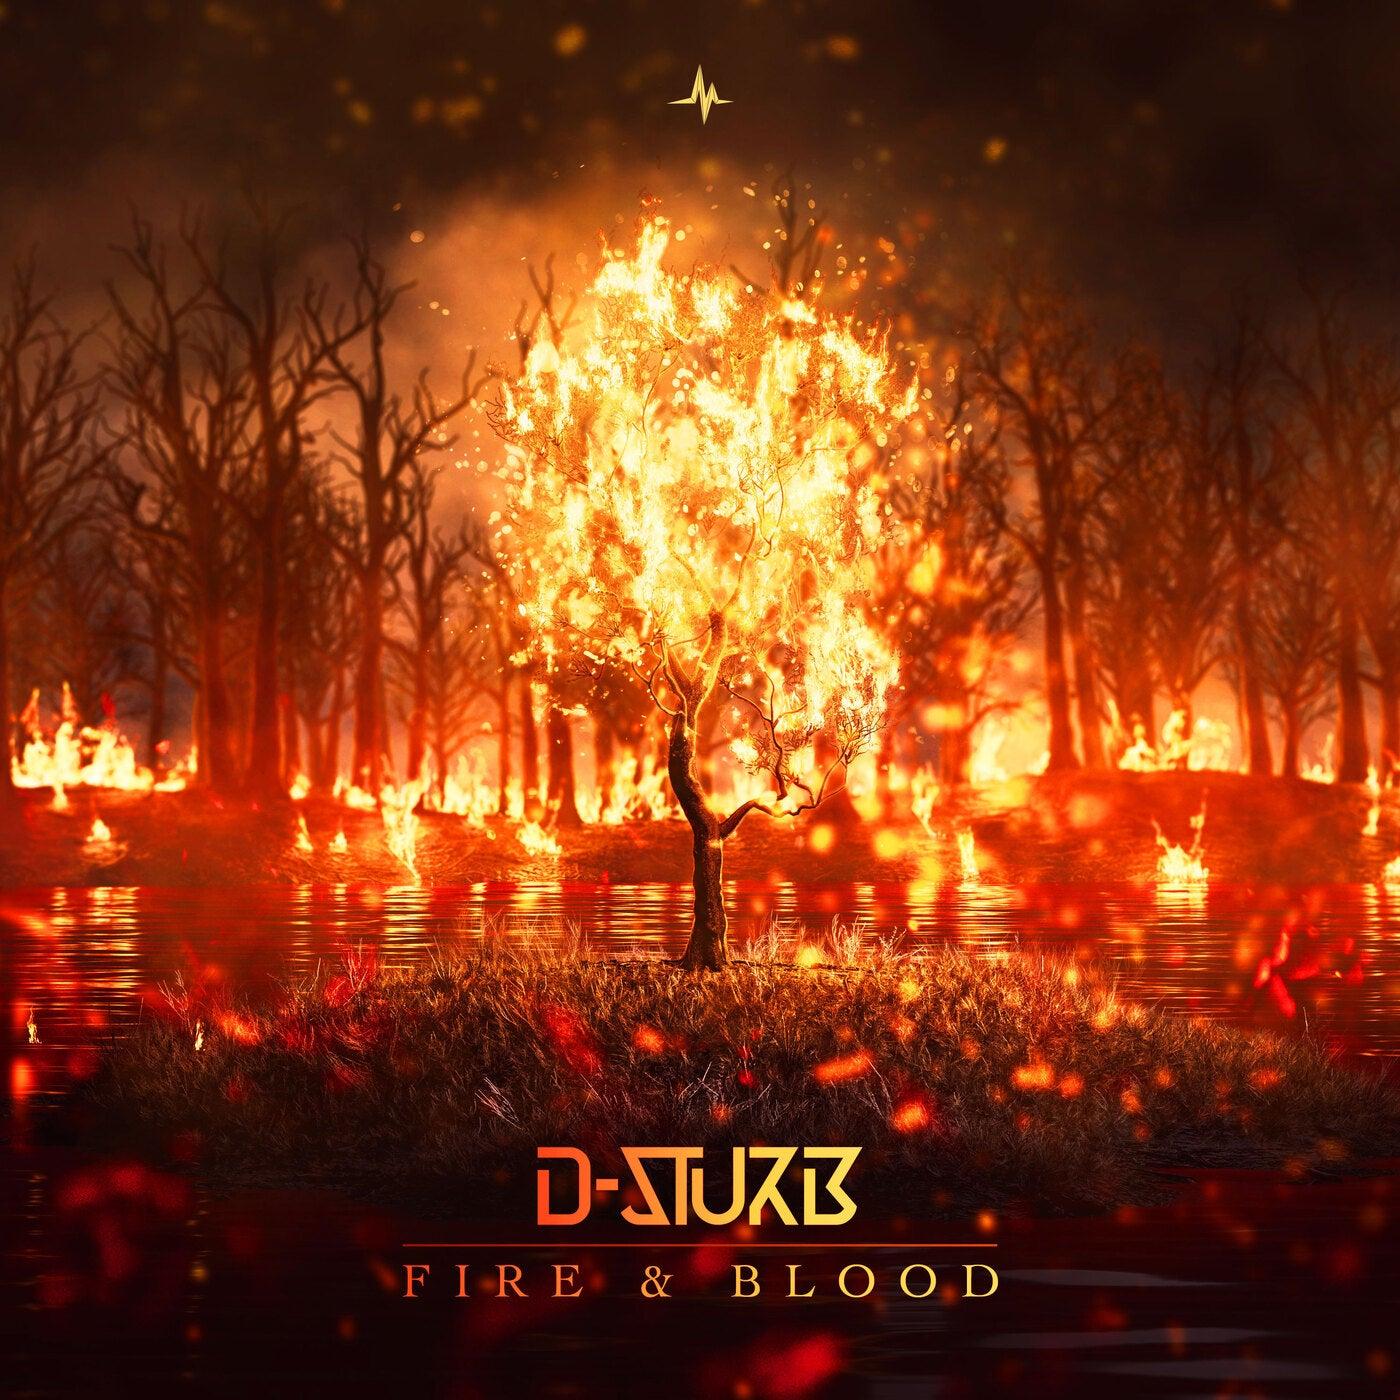 Fire & Blood (Original Mix)